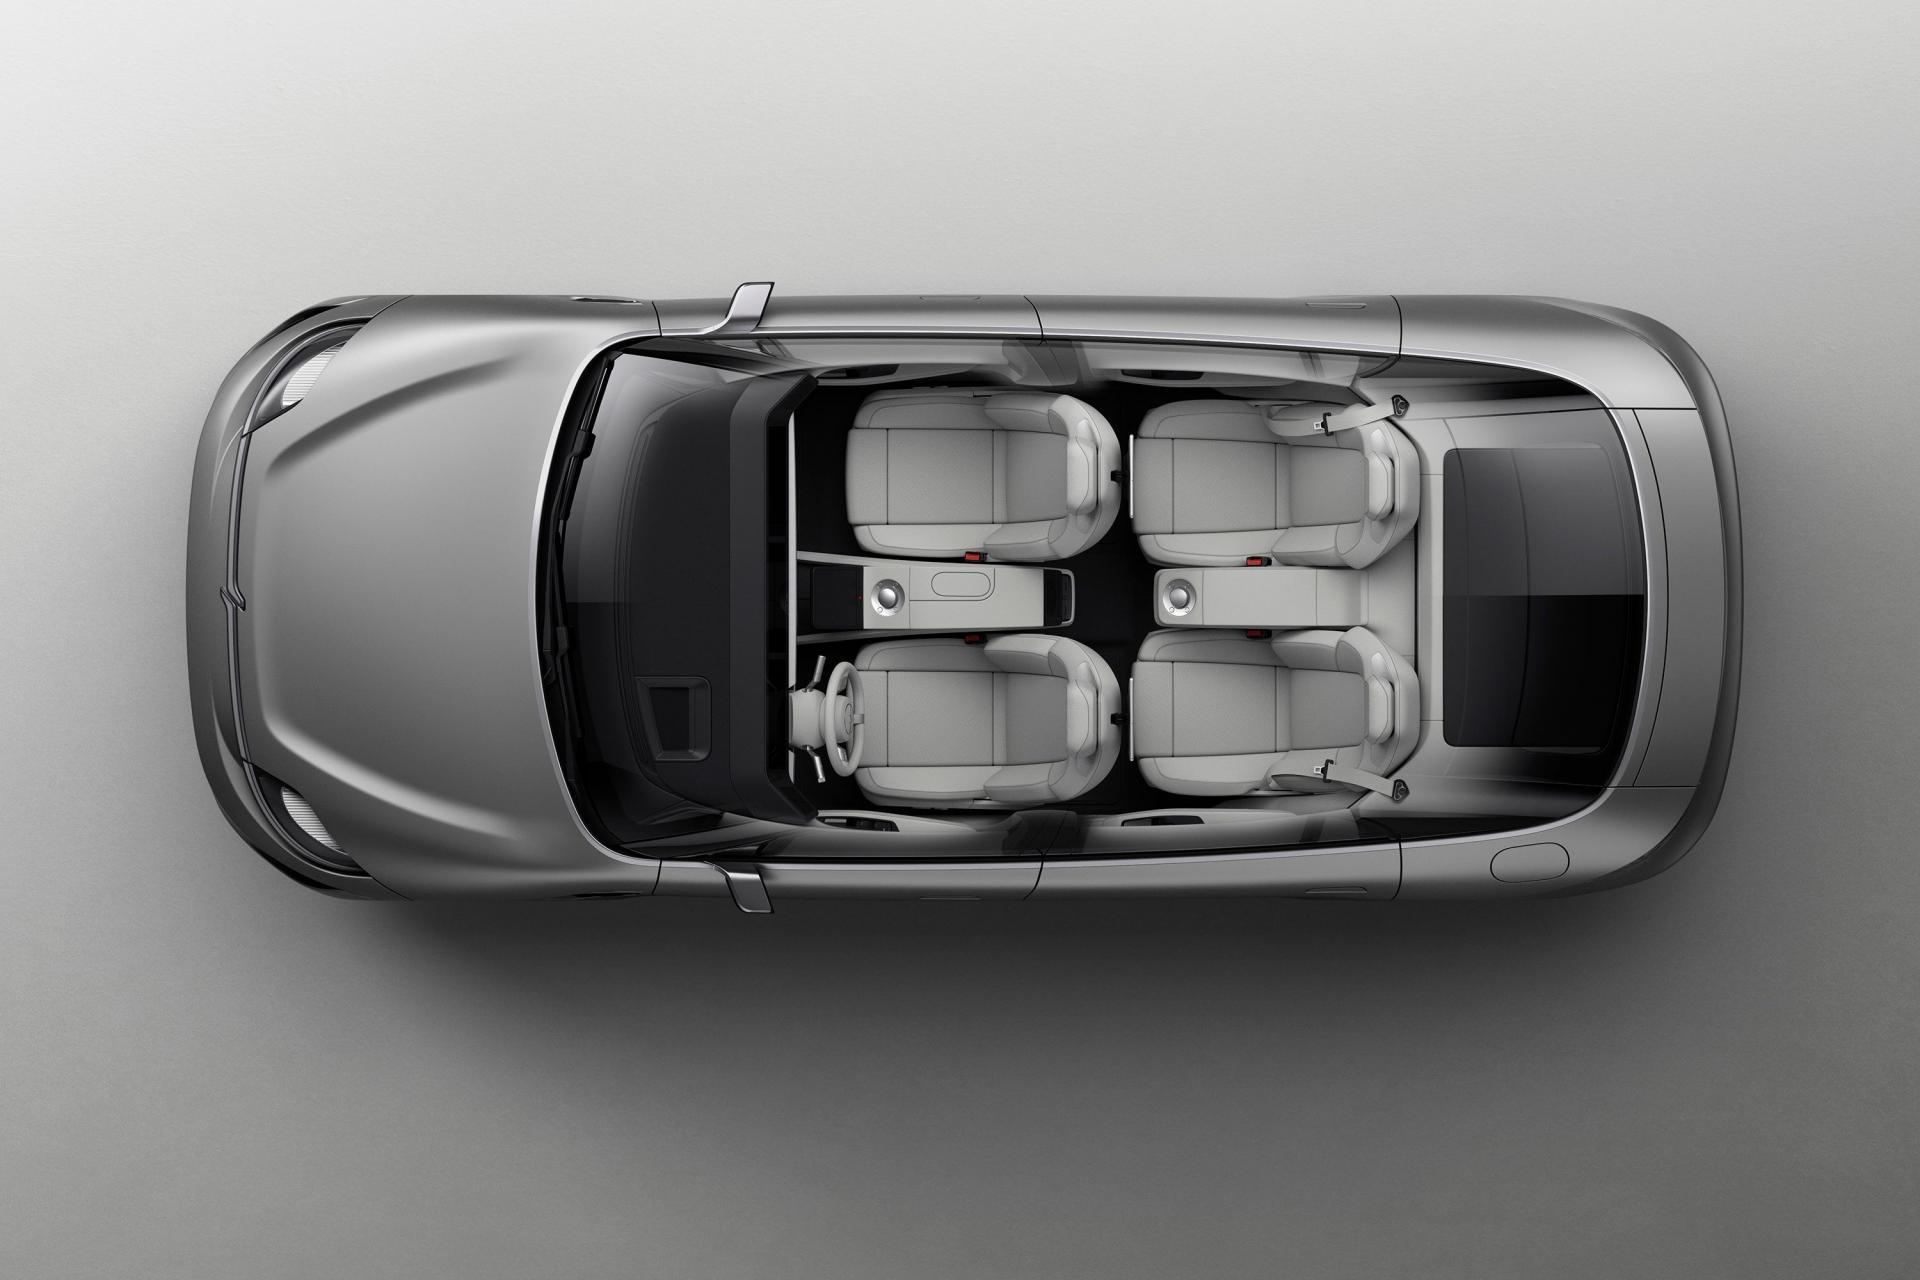 Sony bất ngờ ra mắt mẫu xe điện Vision-S tại CES 2020 - 6